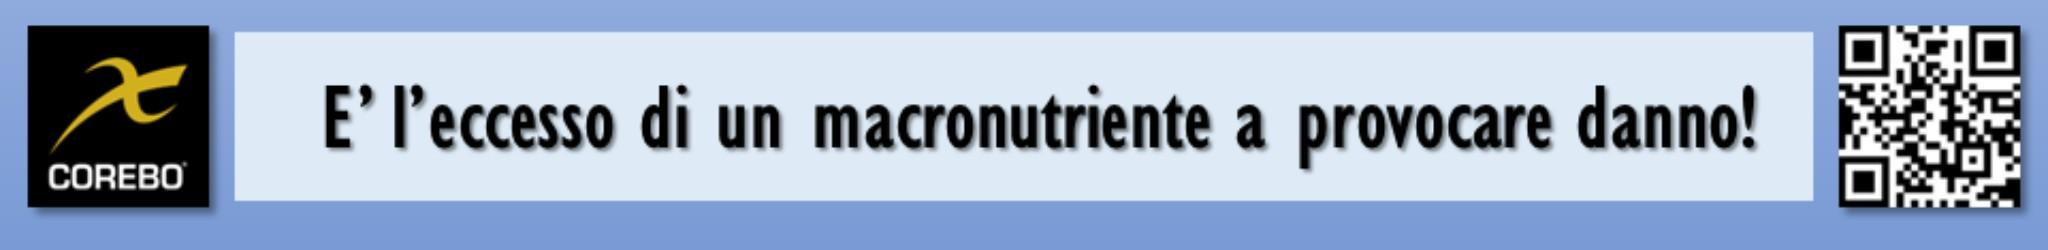 corsi per diventare nutrizionista